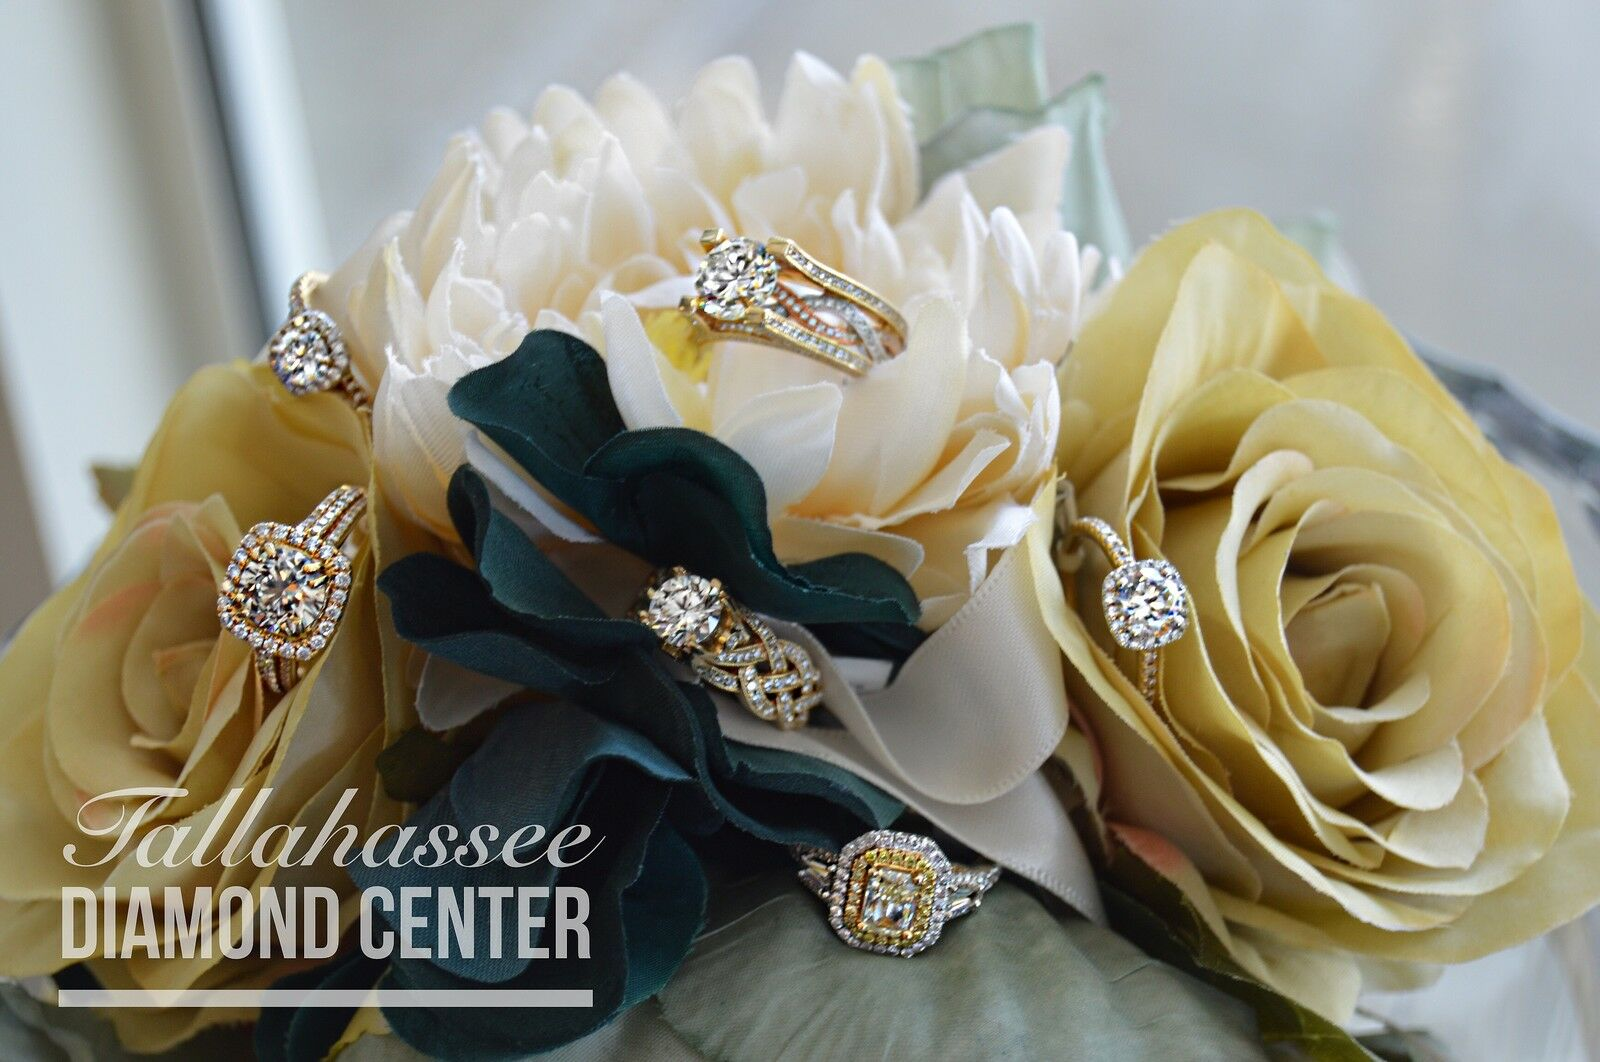 Tallahassee Diamond Center